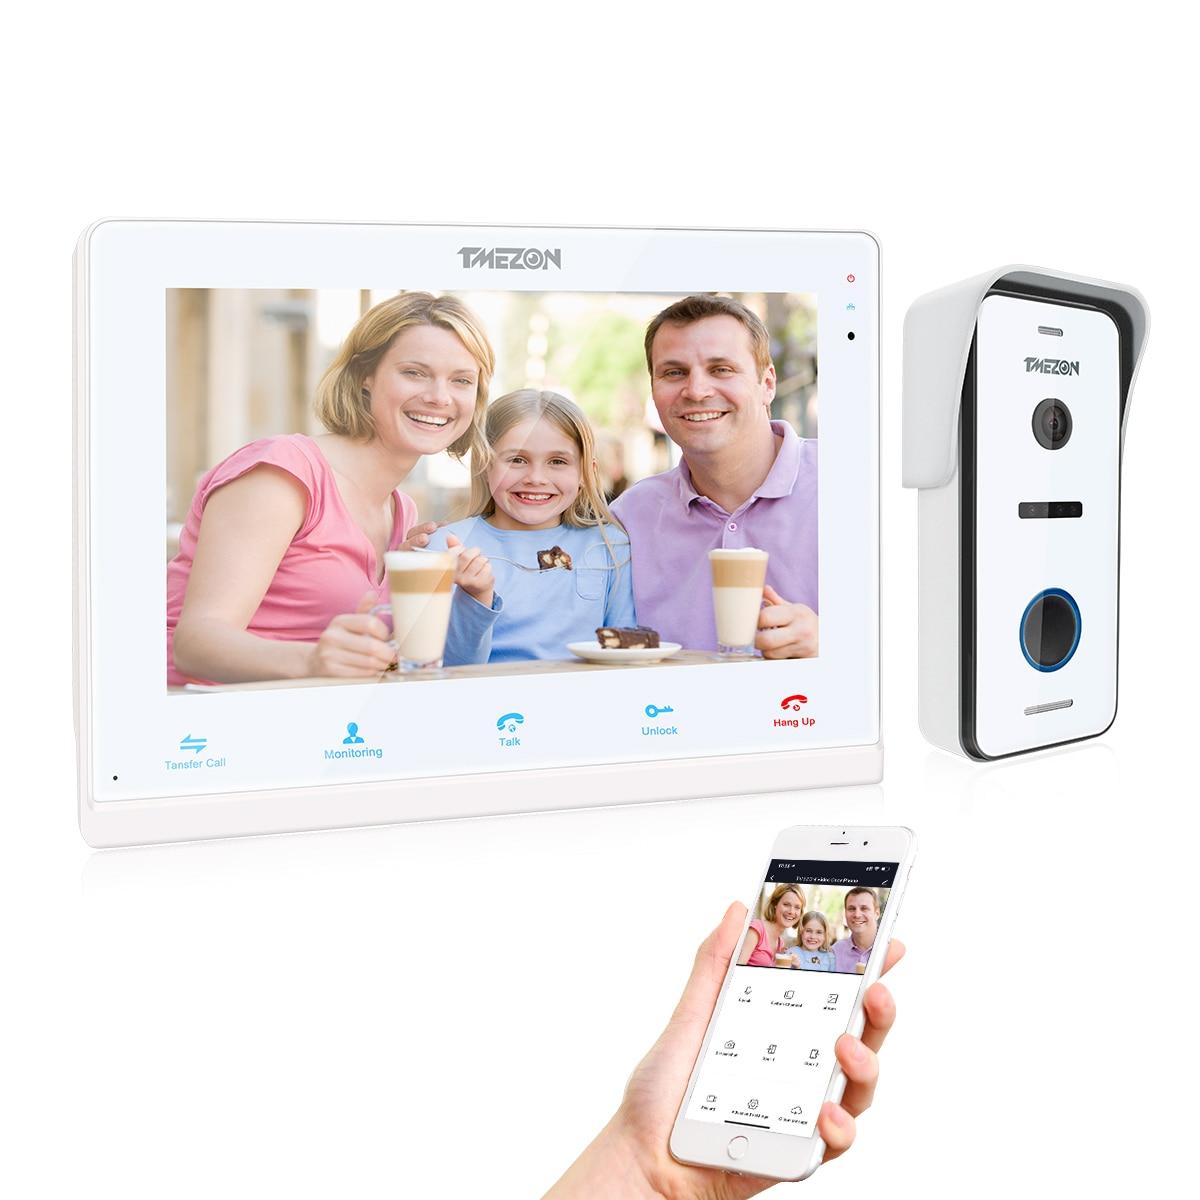 TMEZON Wifi IP Vid/éo Interphone Visiophone,10 Pouce IP Moniteur avec 3*7/'/'Analog Moniteur et 720P Sonnette de Cam/éra Filaire Vision Nocturne,Parler,D/éverrouillage /à distance,Surveiller via Smartphone